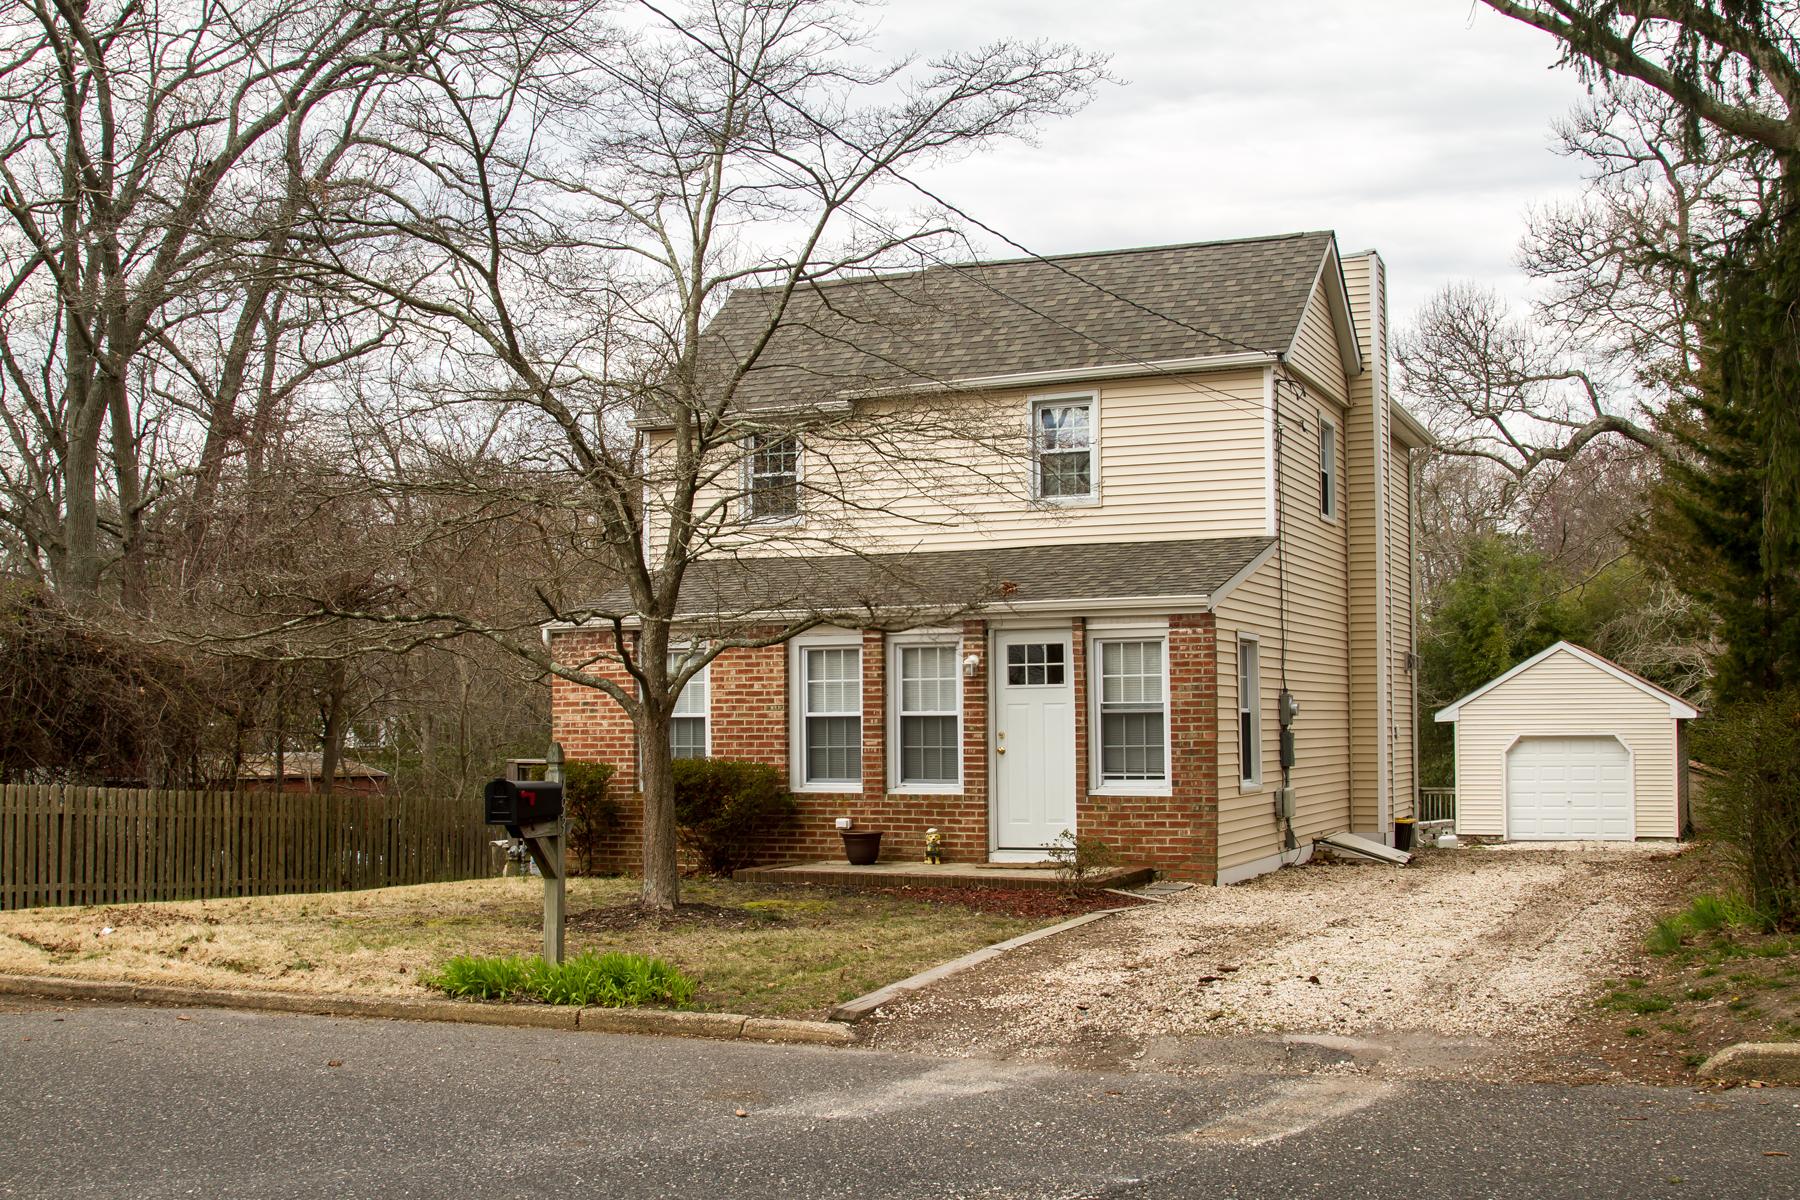 Maison unifamiliale pour l Vente à Charming Colonial Style Home 183 Maple Avenue, Island Heights, New Jersey 08732 États-Unis